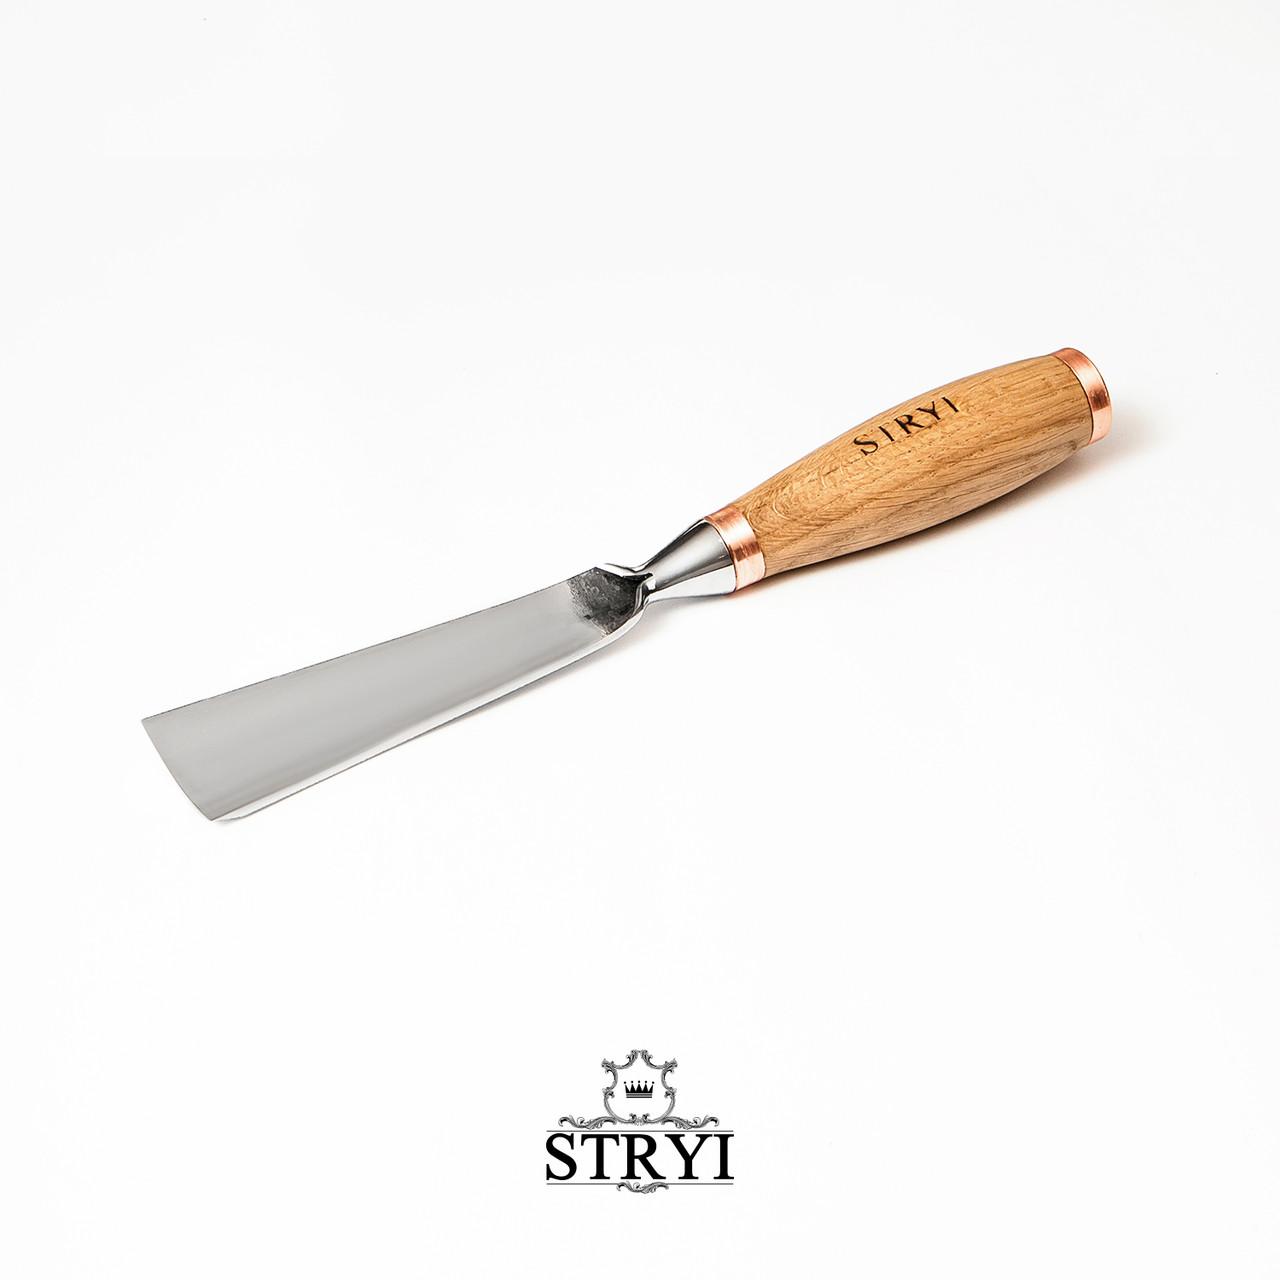 Отлогая ударная стамескадля резьбы по дереву от производителя STRYI профиль 7, 30мм